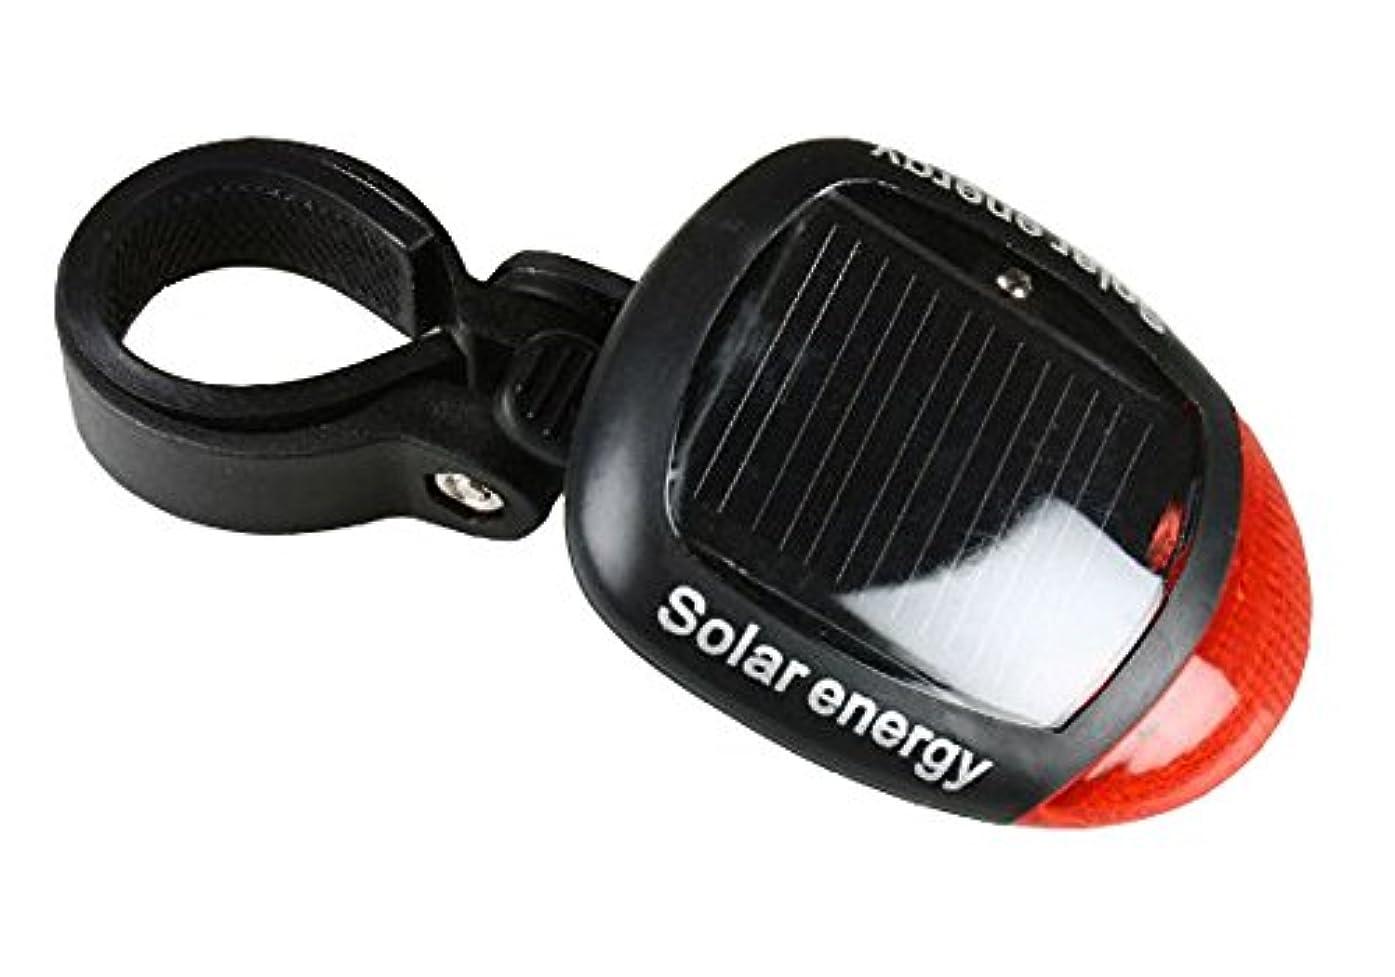 ツイン嬉しいですヒステリックソーラー サイクル リアライト LED フラッシュライト 自転車ライト テールライト 夜間走行 充電